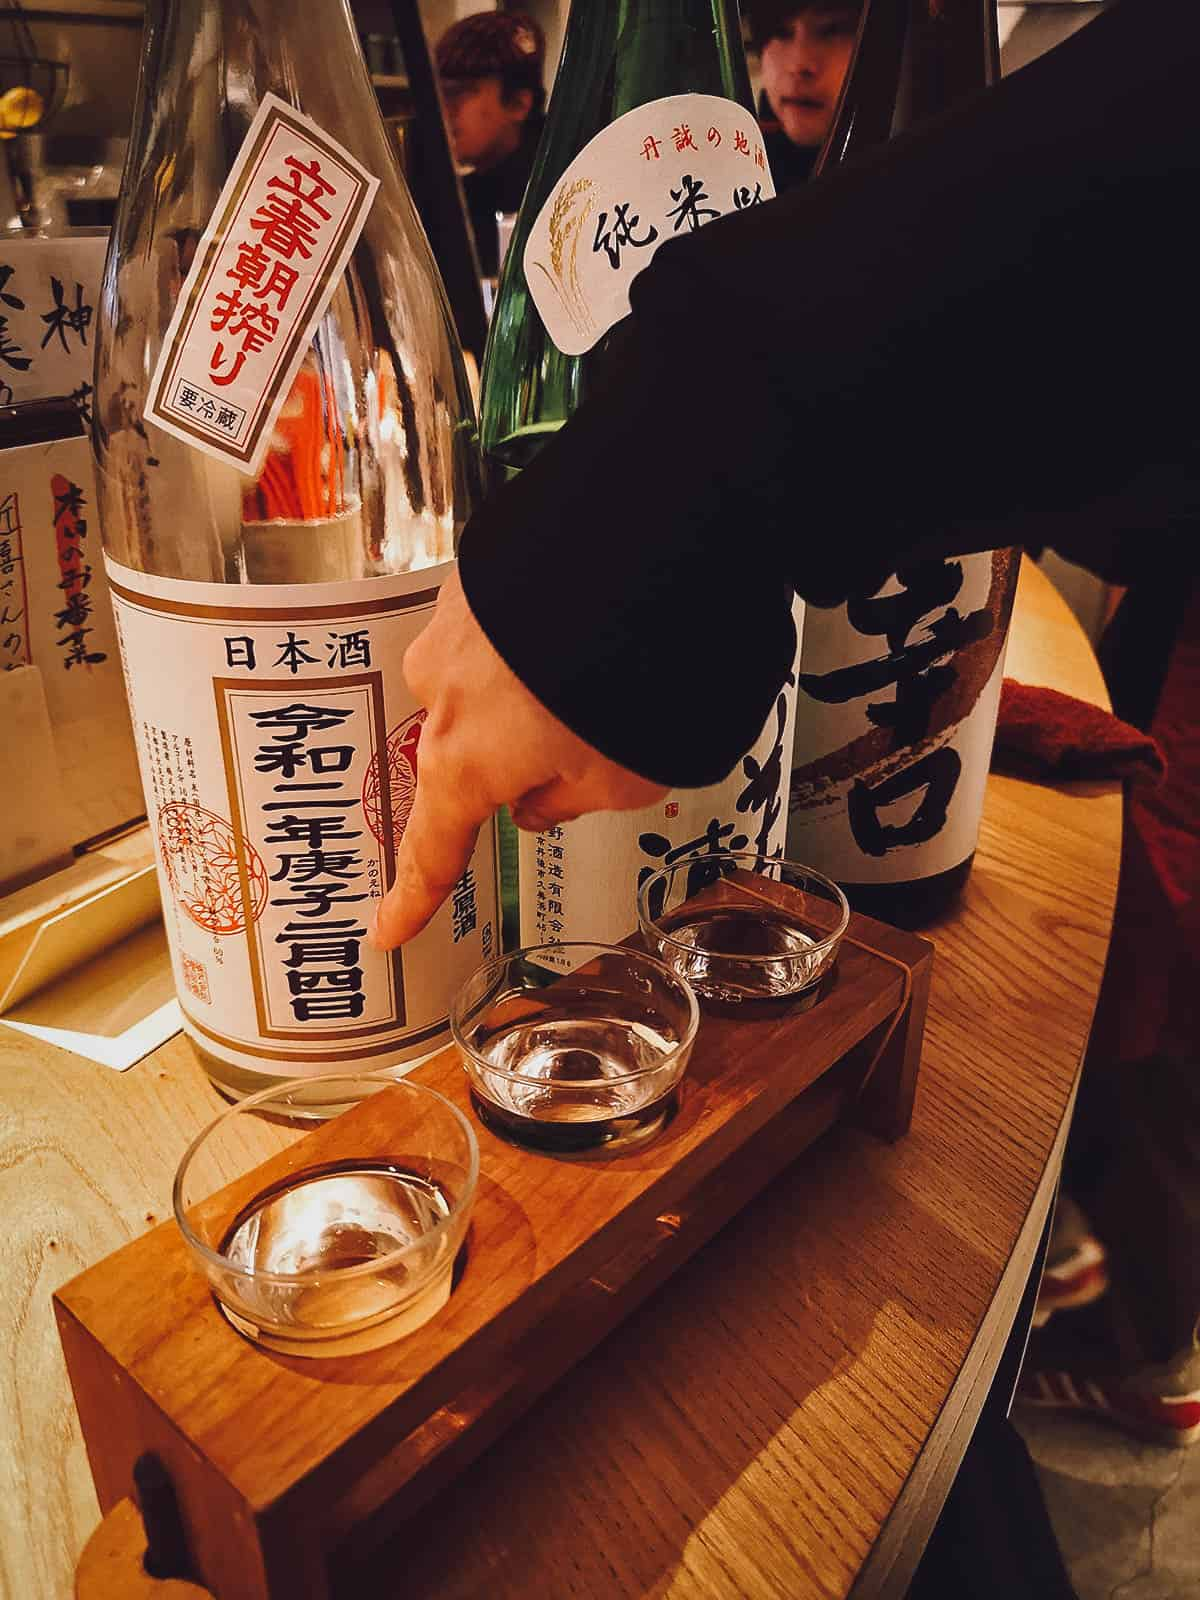 Explaining the labels on sake bottles